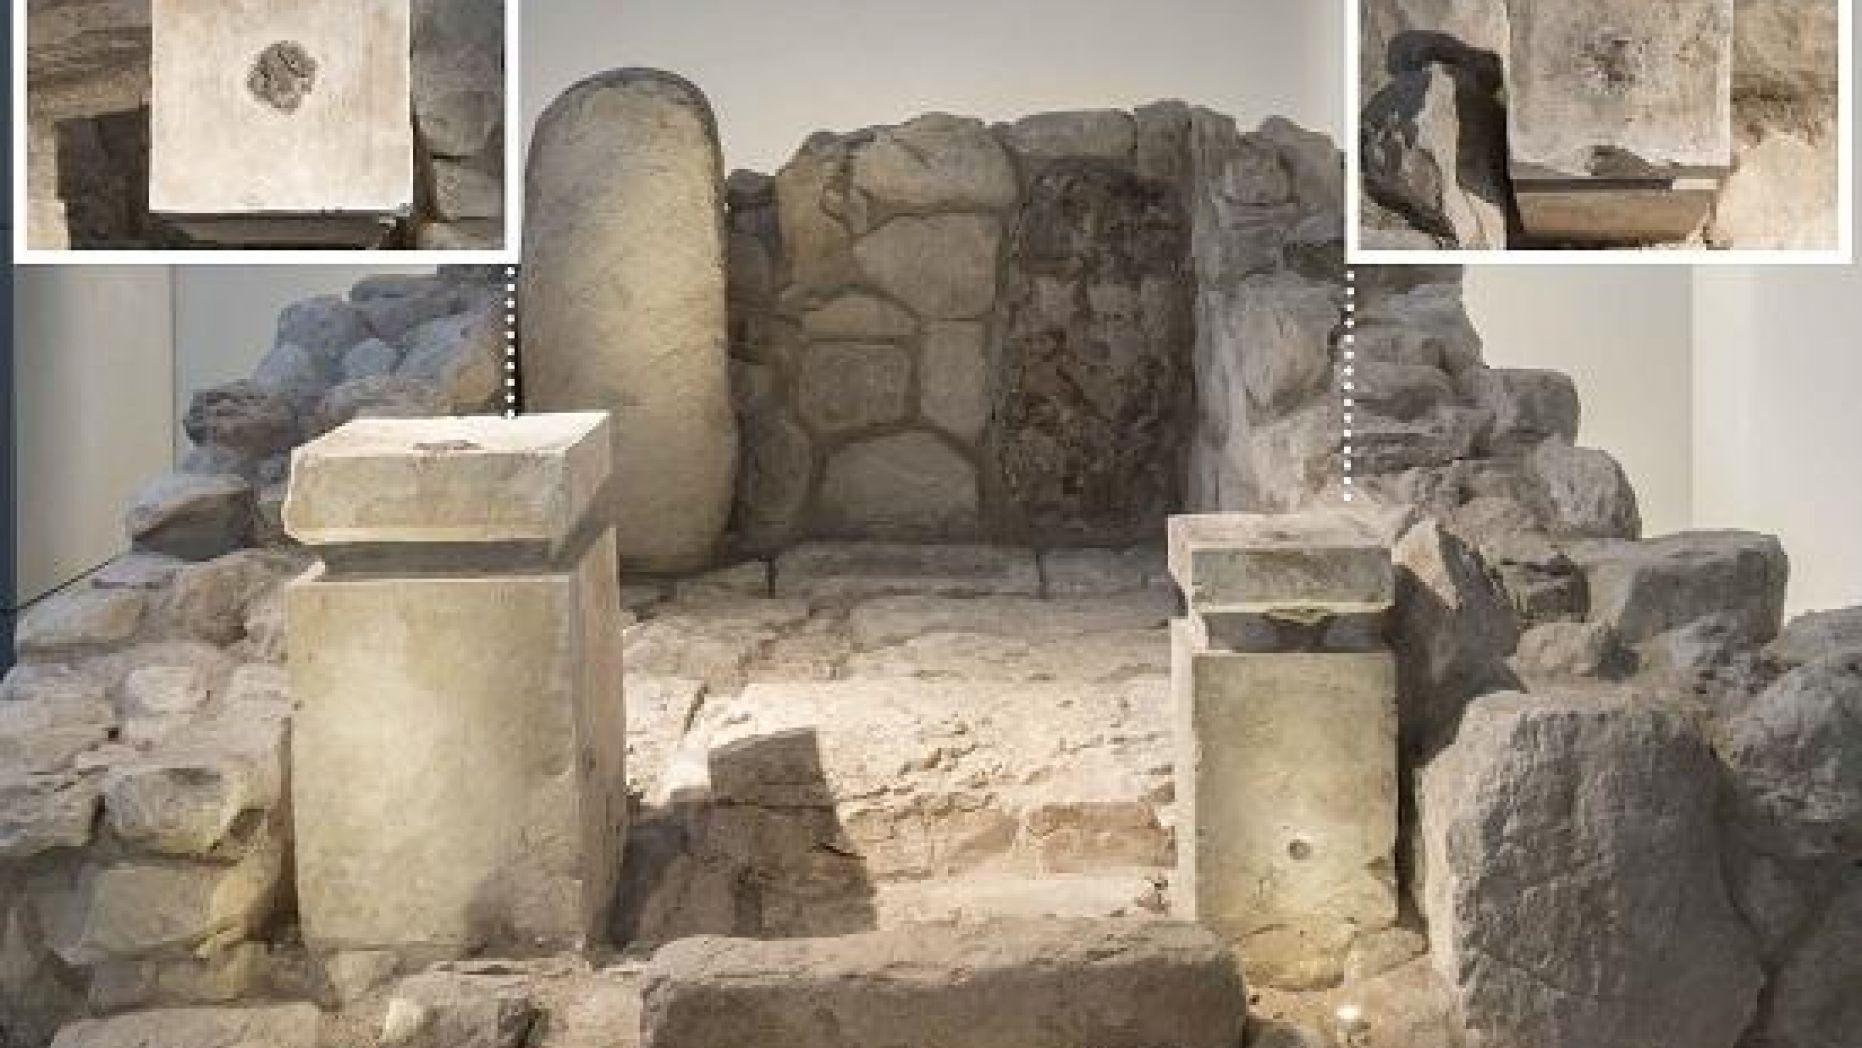 Секреты религиозного экстаза: психоактивные смеси из древних святилищ